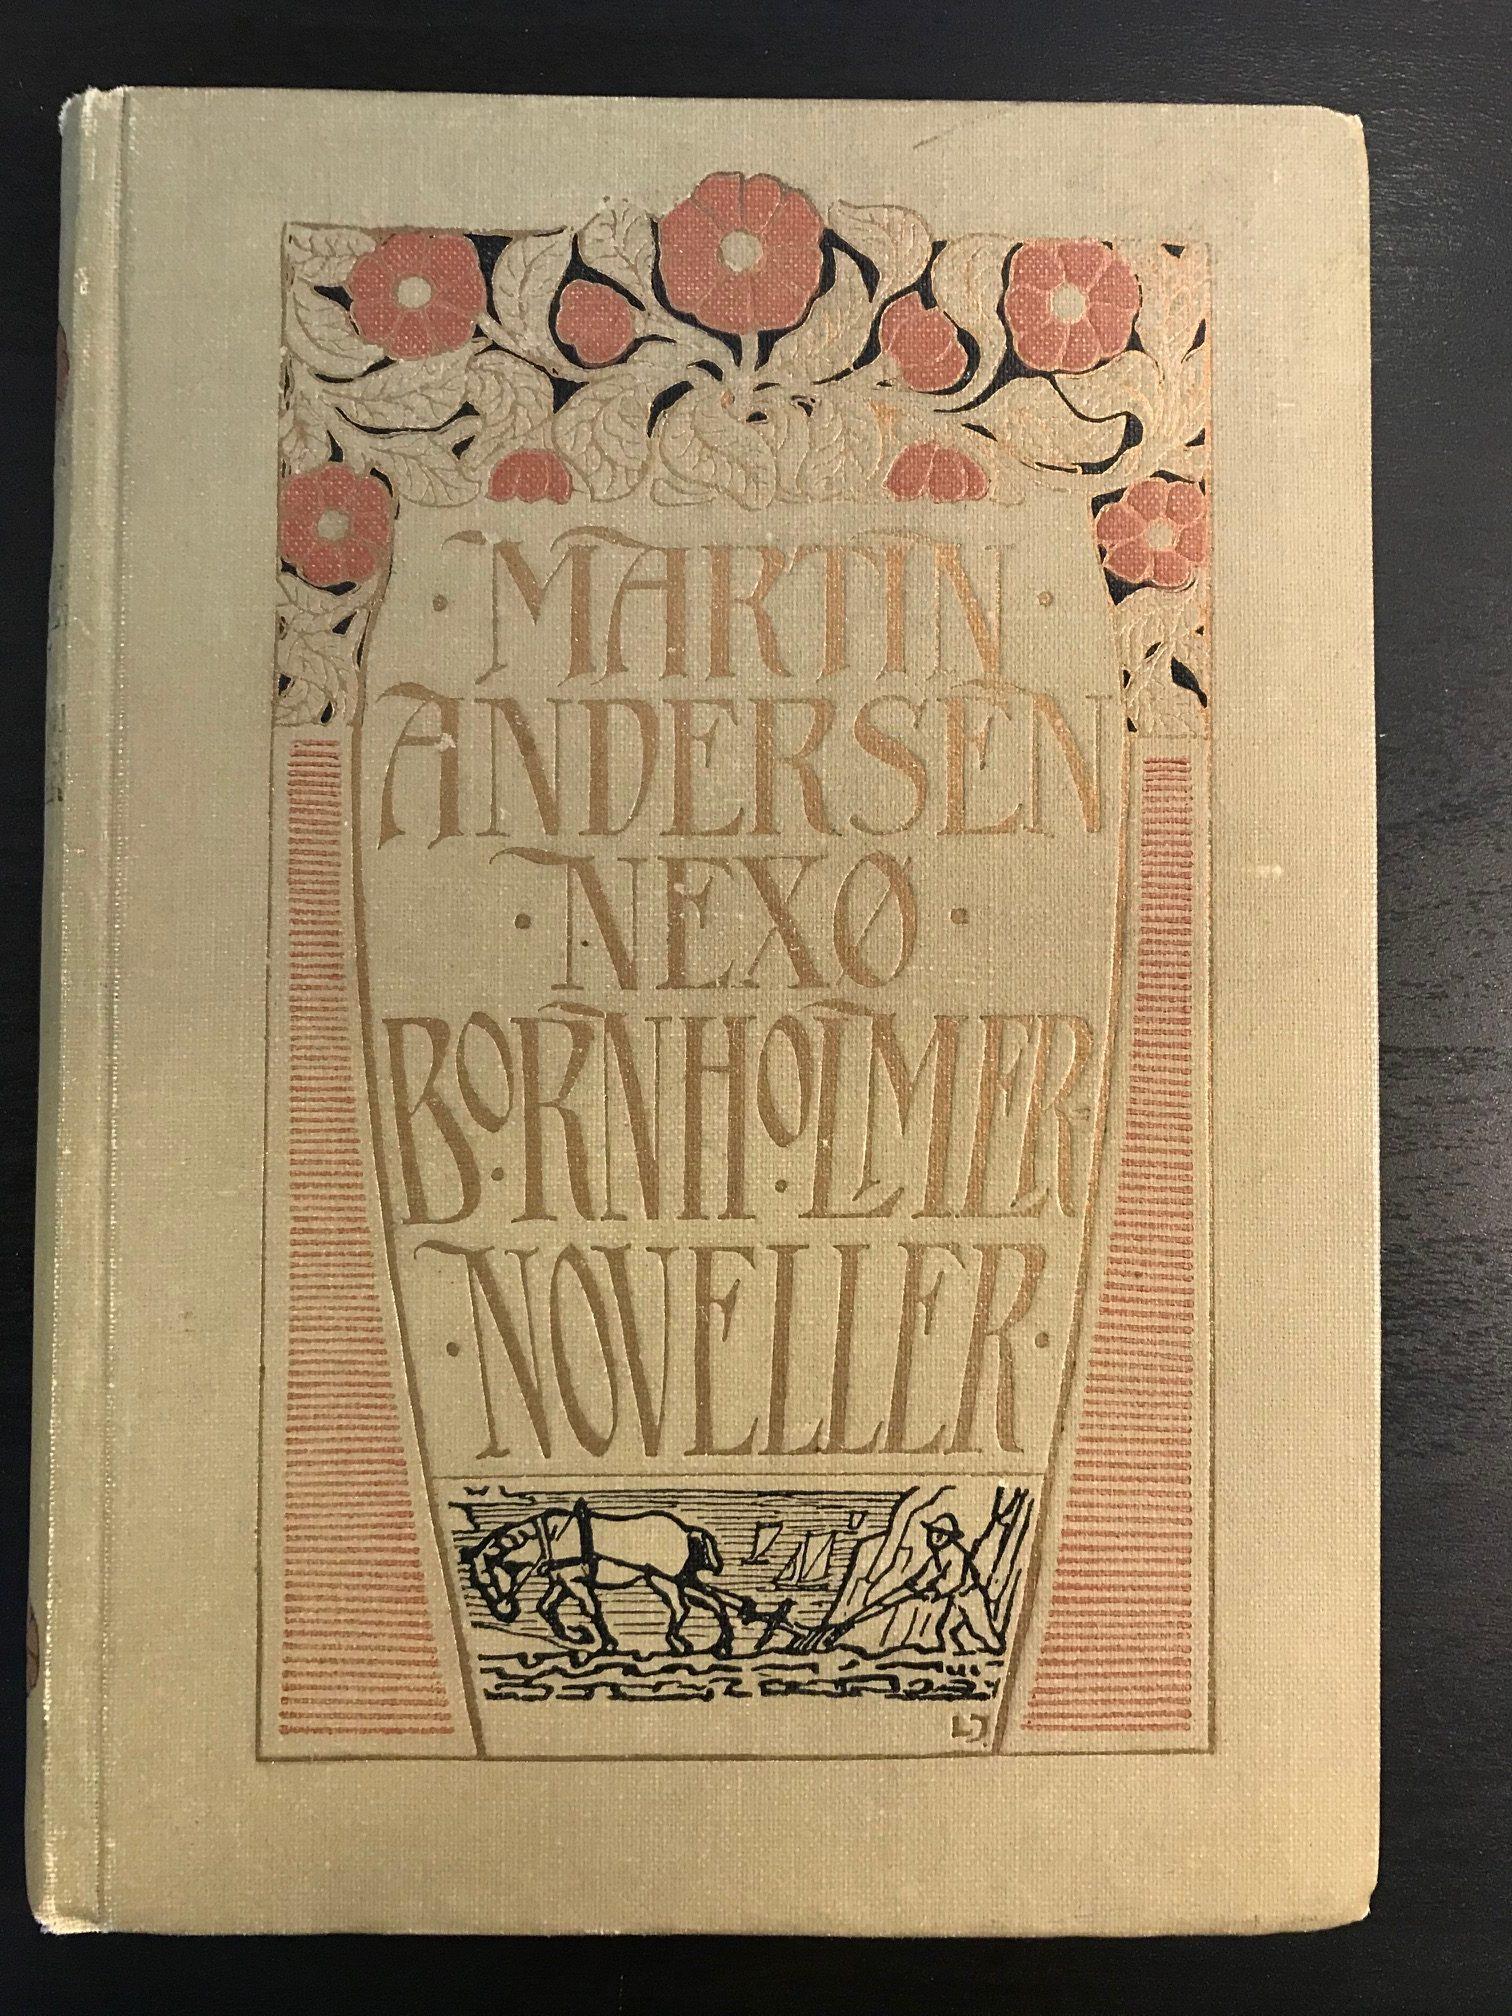 Bornholmer noveller cover